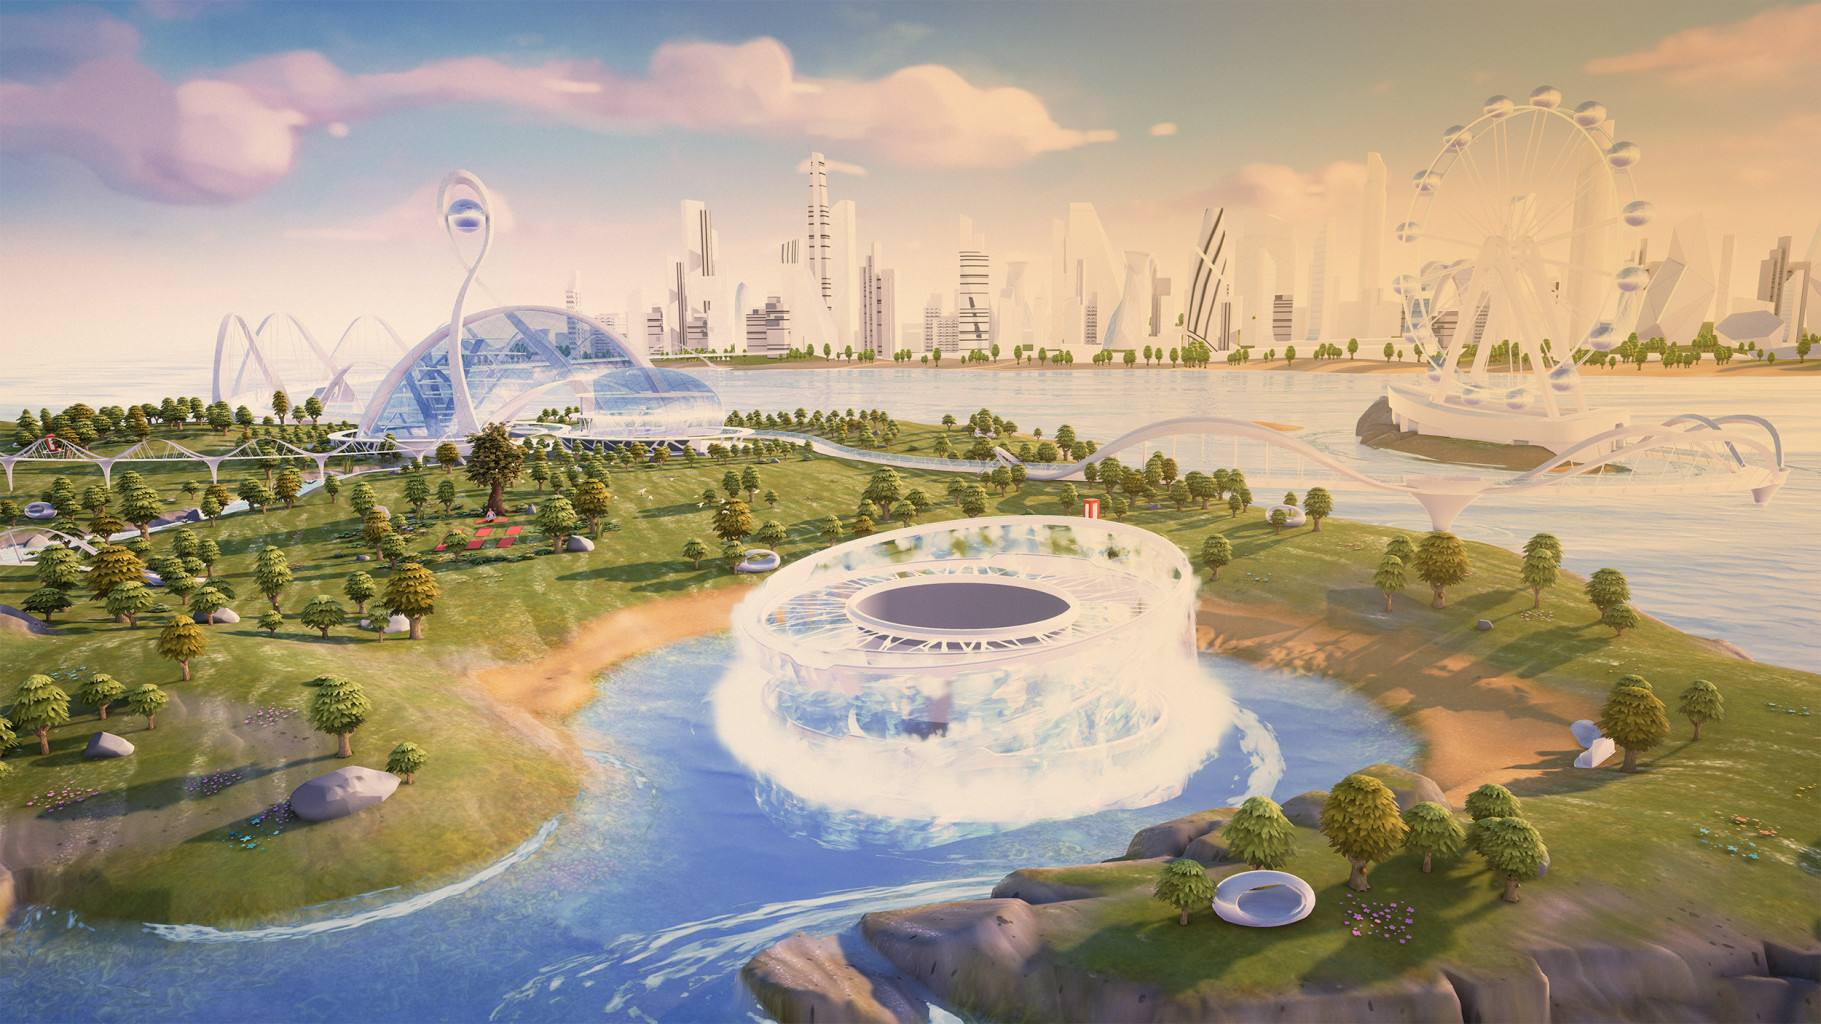 Main Stage der Event-Plattform Corporate Island